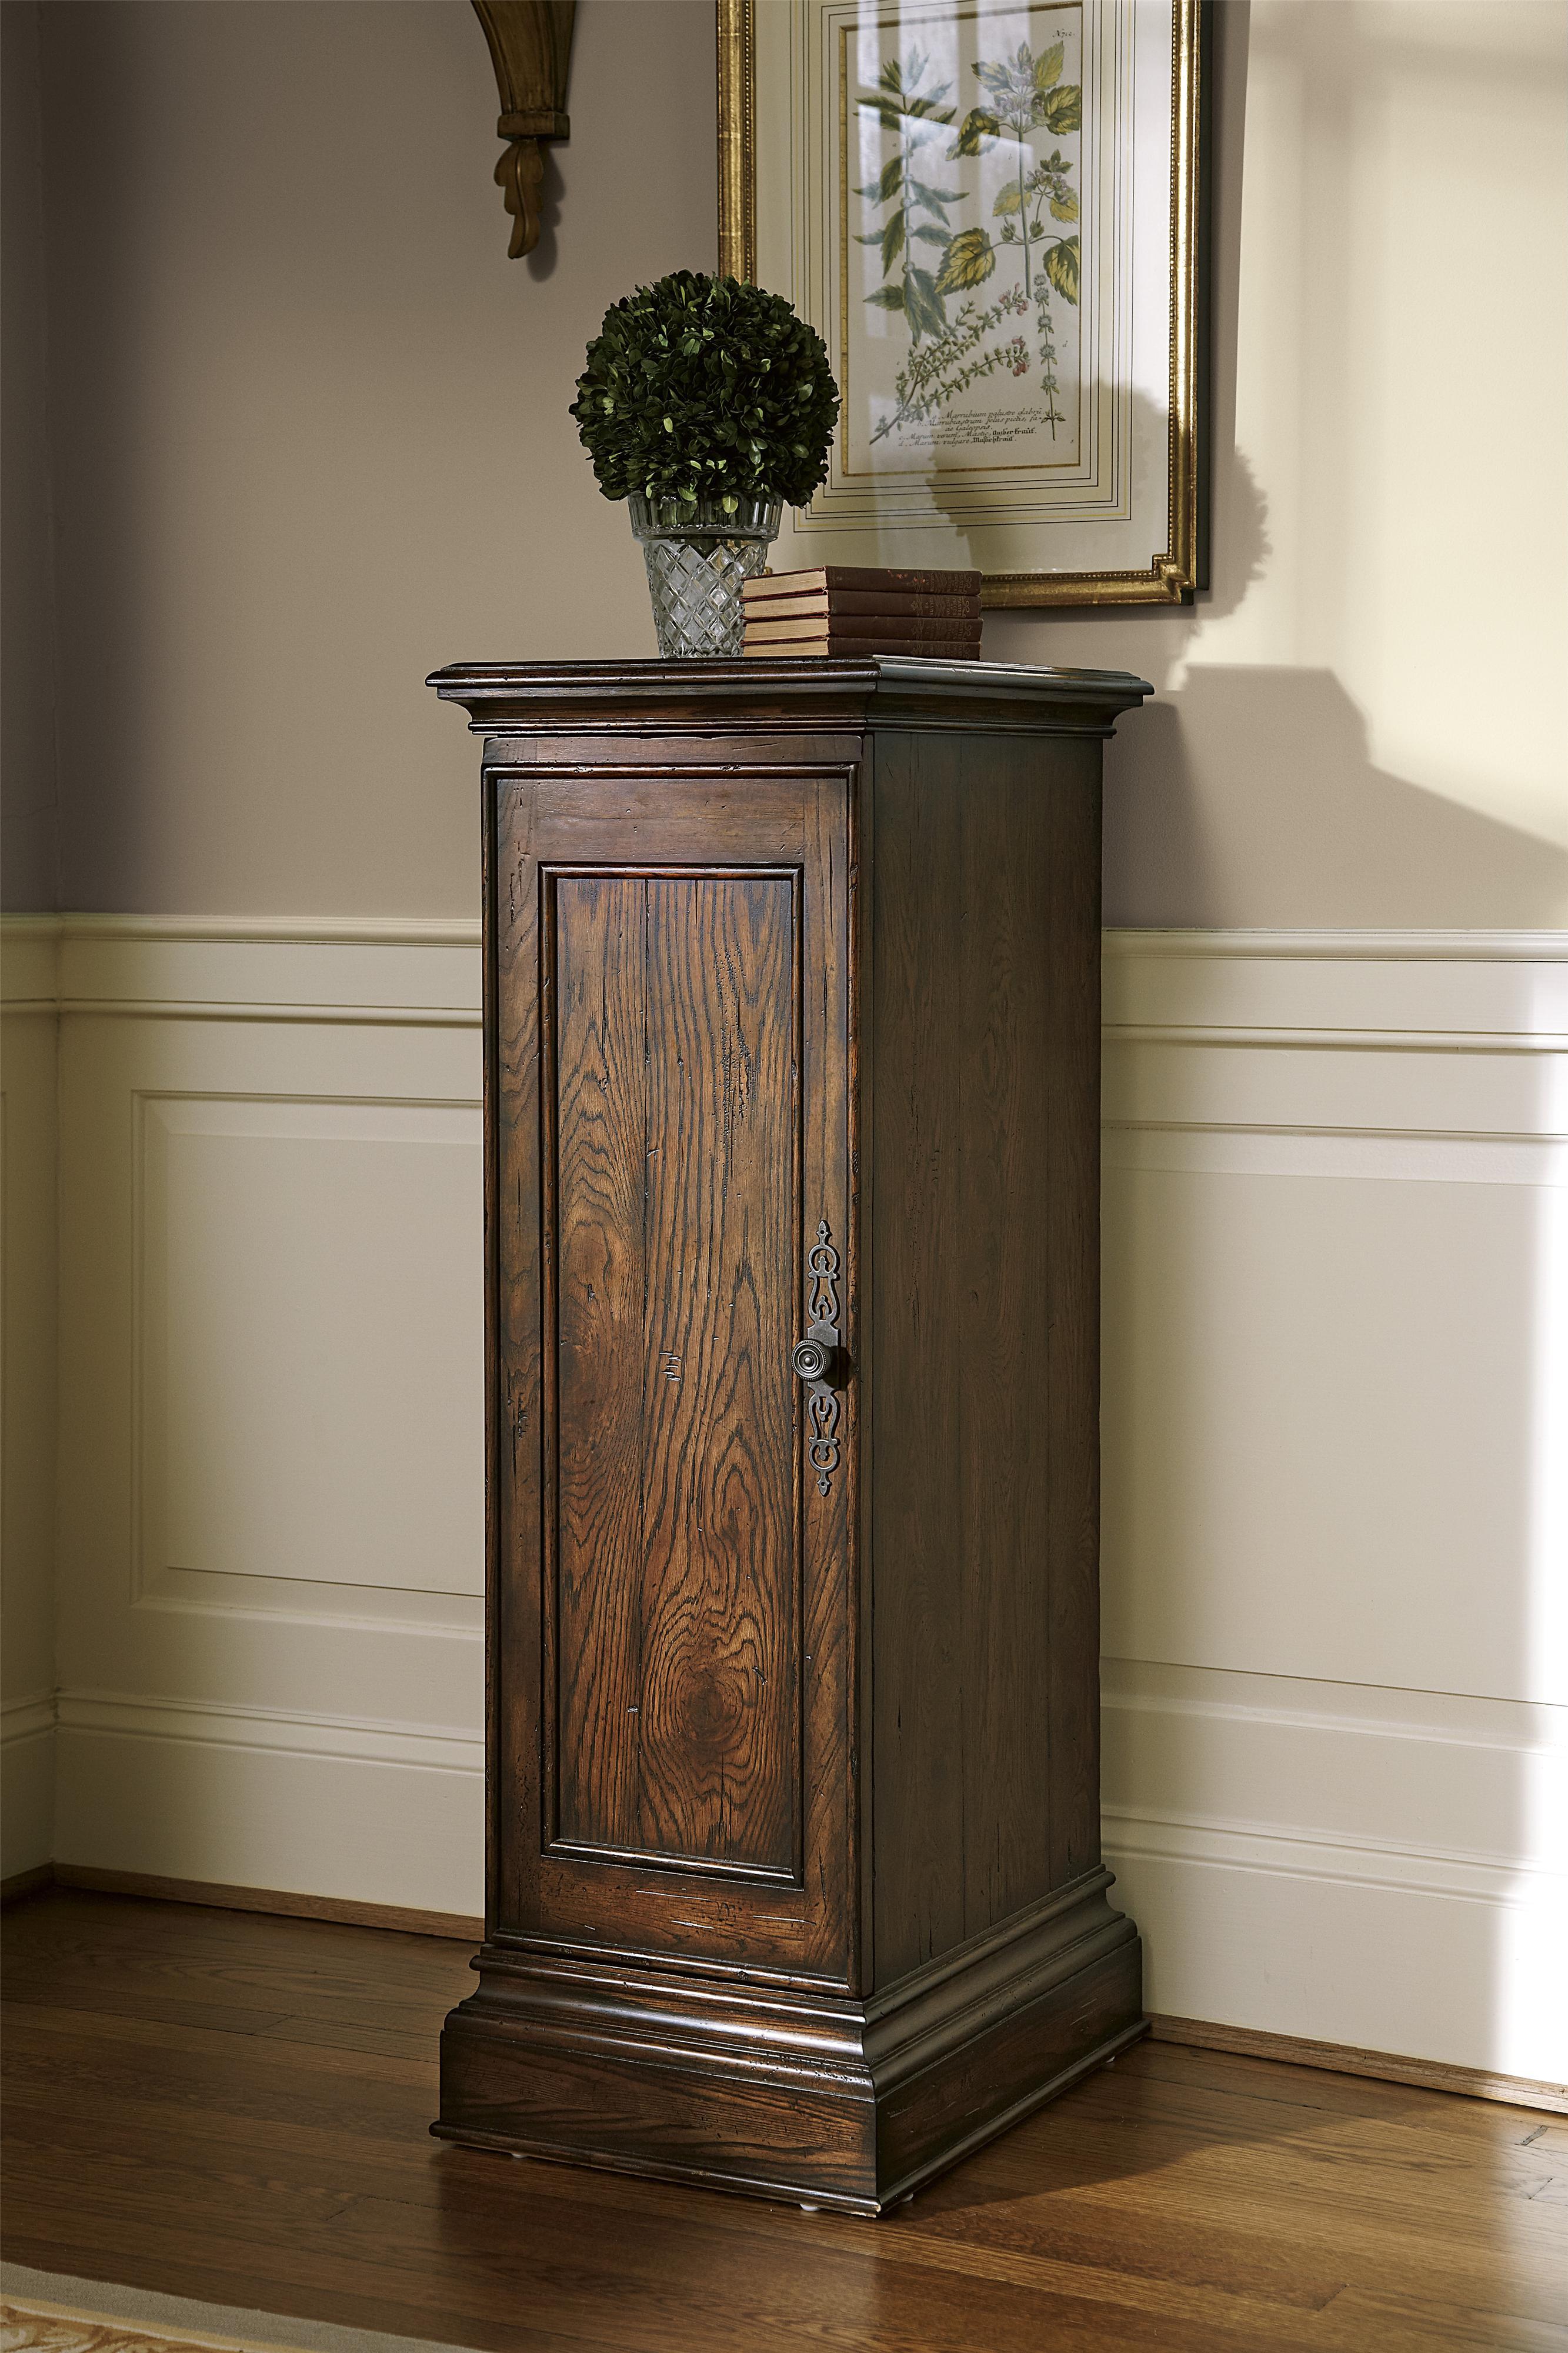 Fine Furniture Design Biltmore Dining Table Leaf Storage